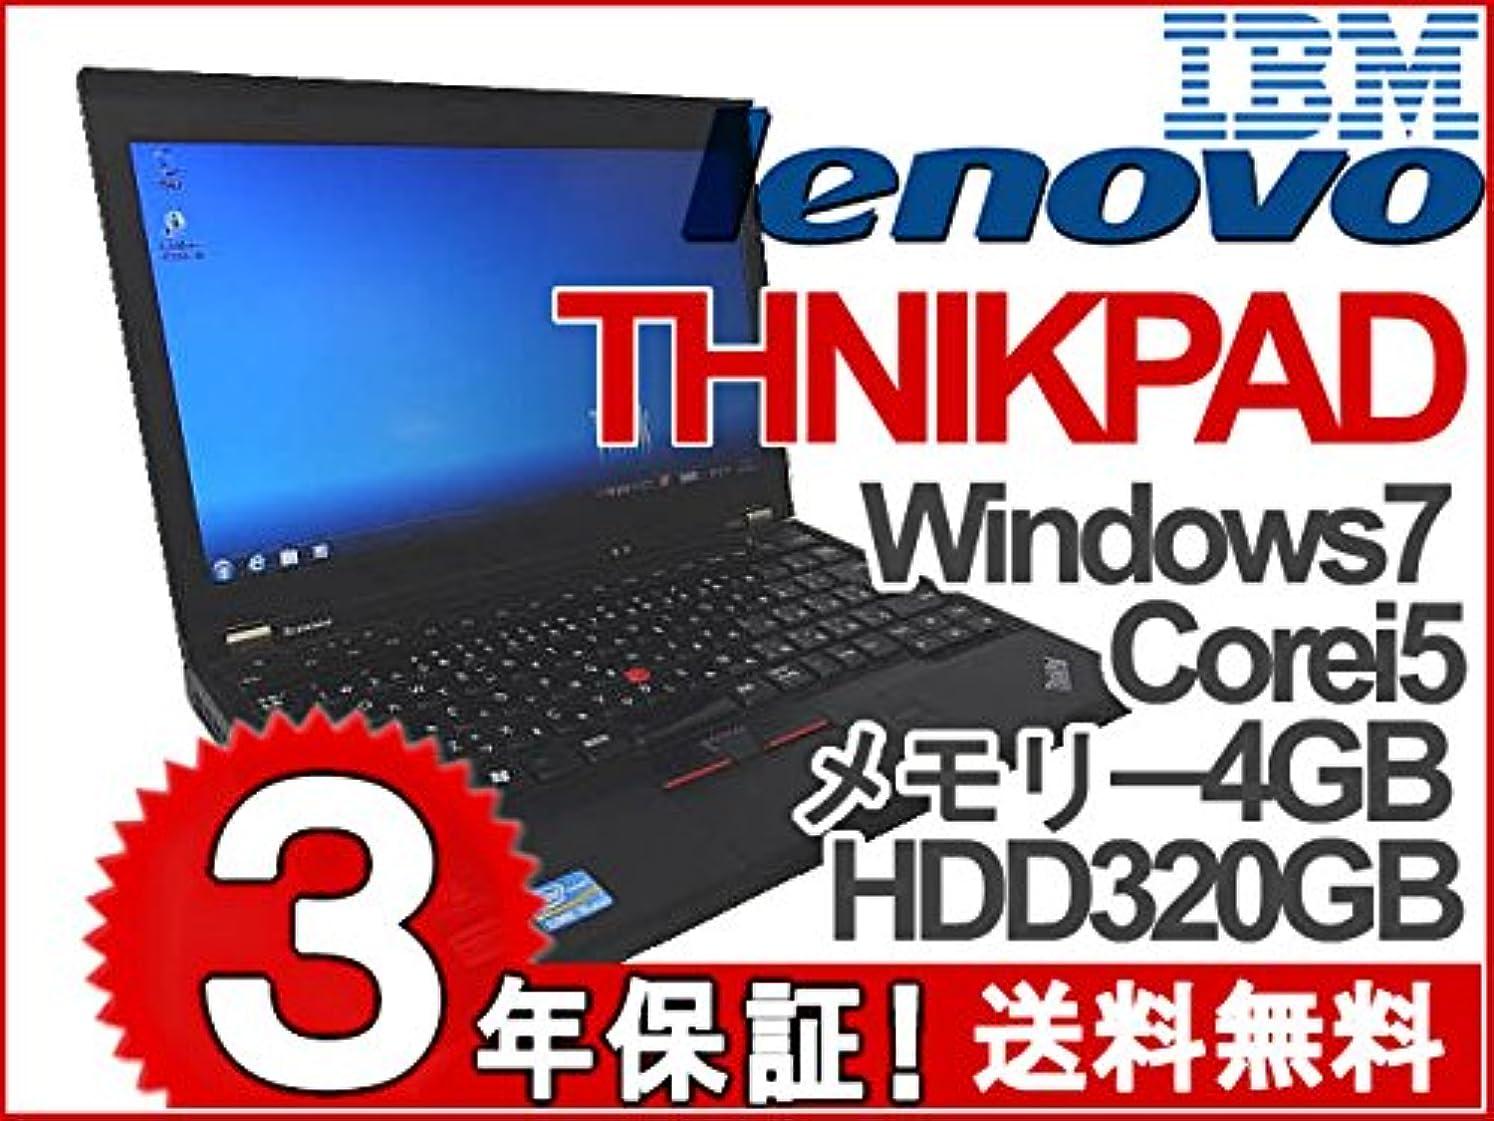 気付く公園素晴らしき【中古】 ThinkPad X230 2324-B25 / Core i5 3320M(2.6GHz) / HDD:320GB / 12.5インチ